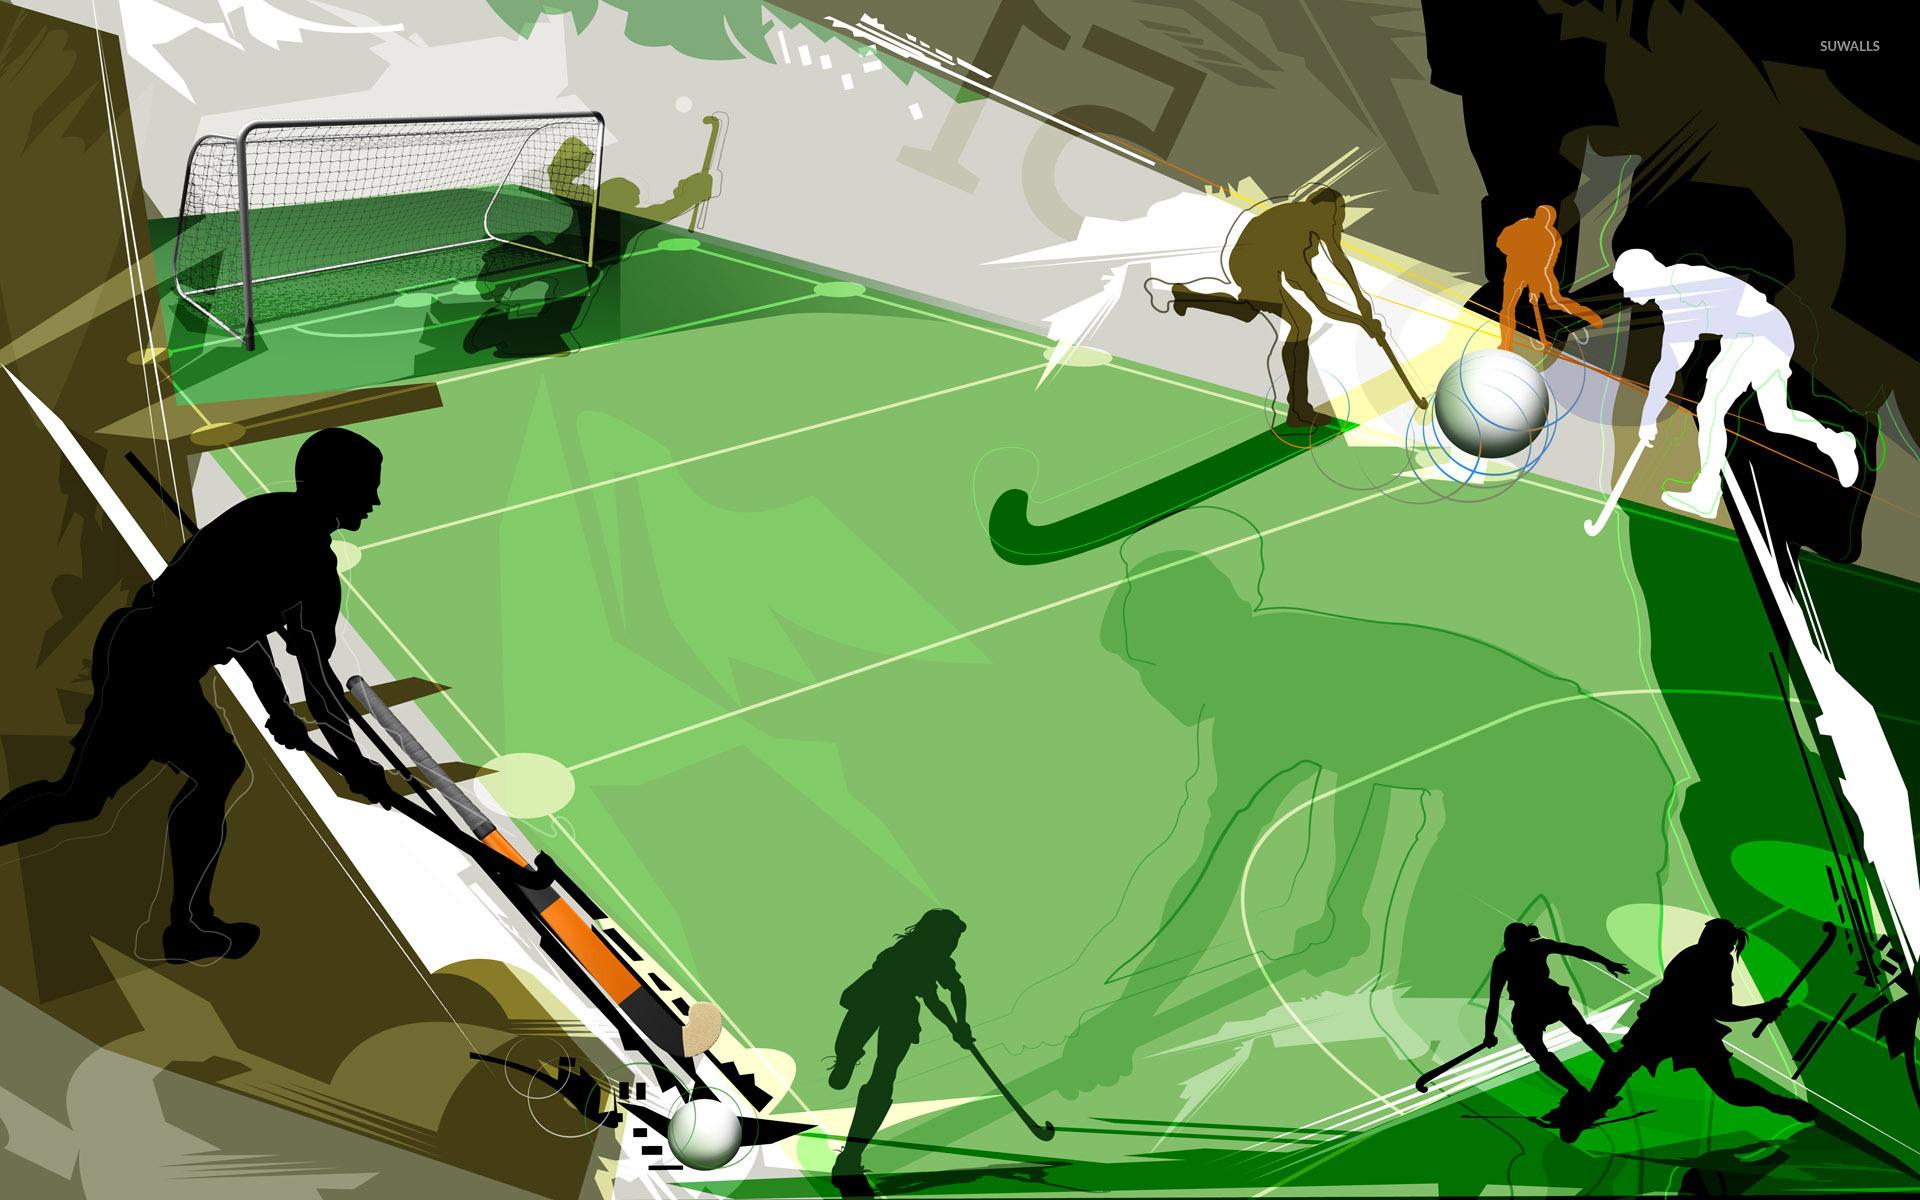 Field hockey wallpaper - Sport wallpapers - #18690